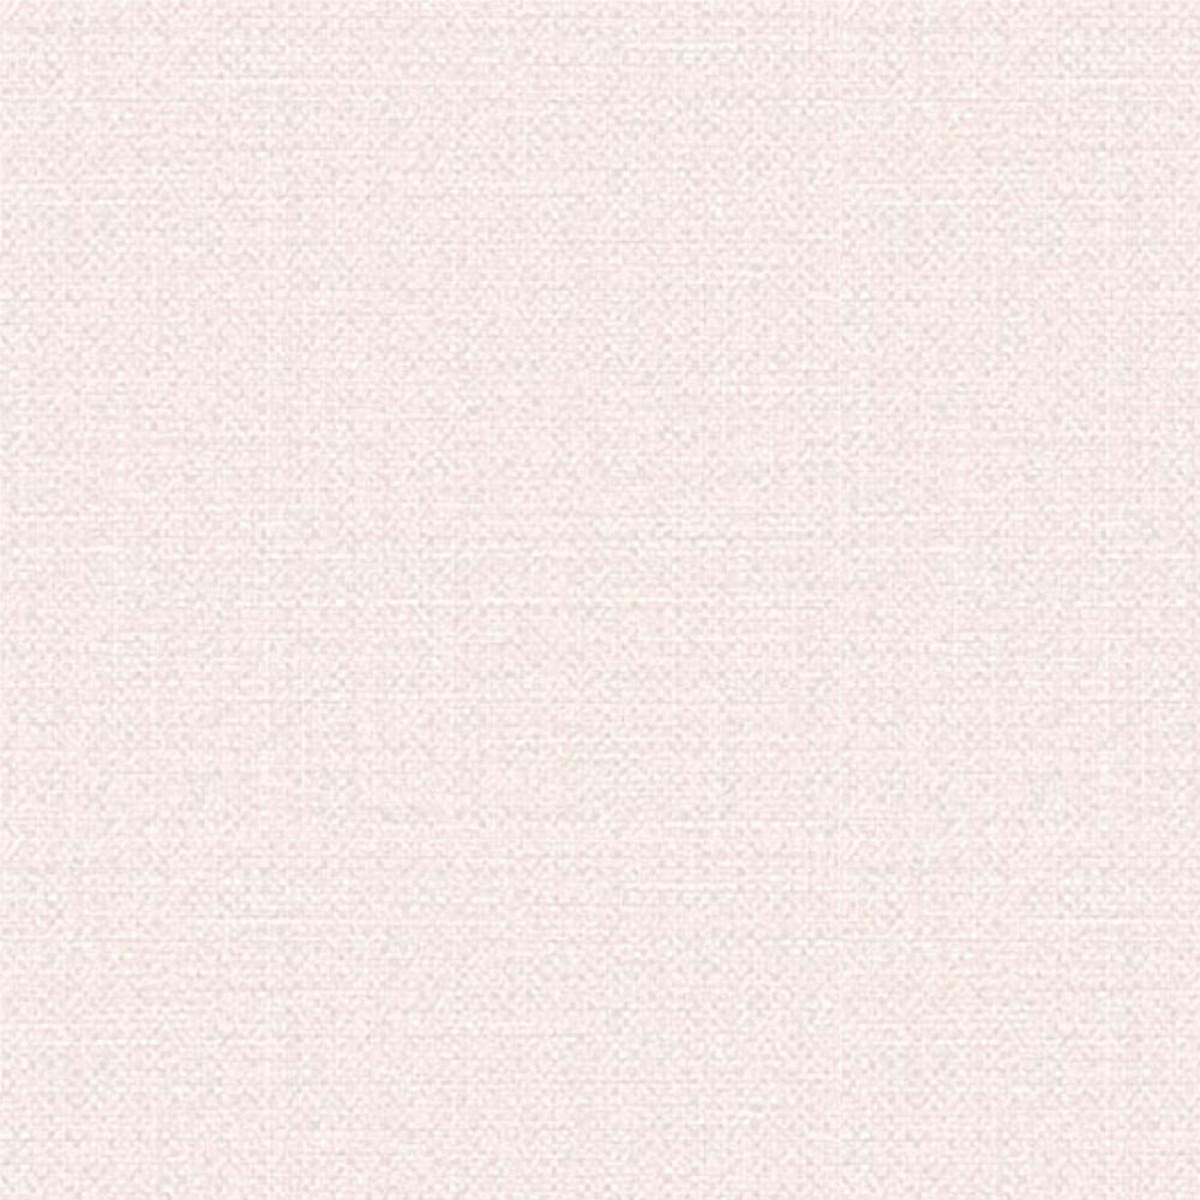 Обои виниловые Gaenari розовые 1.06 м 82051-2